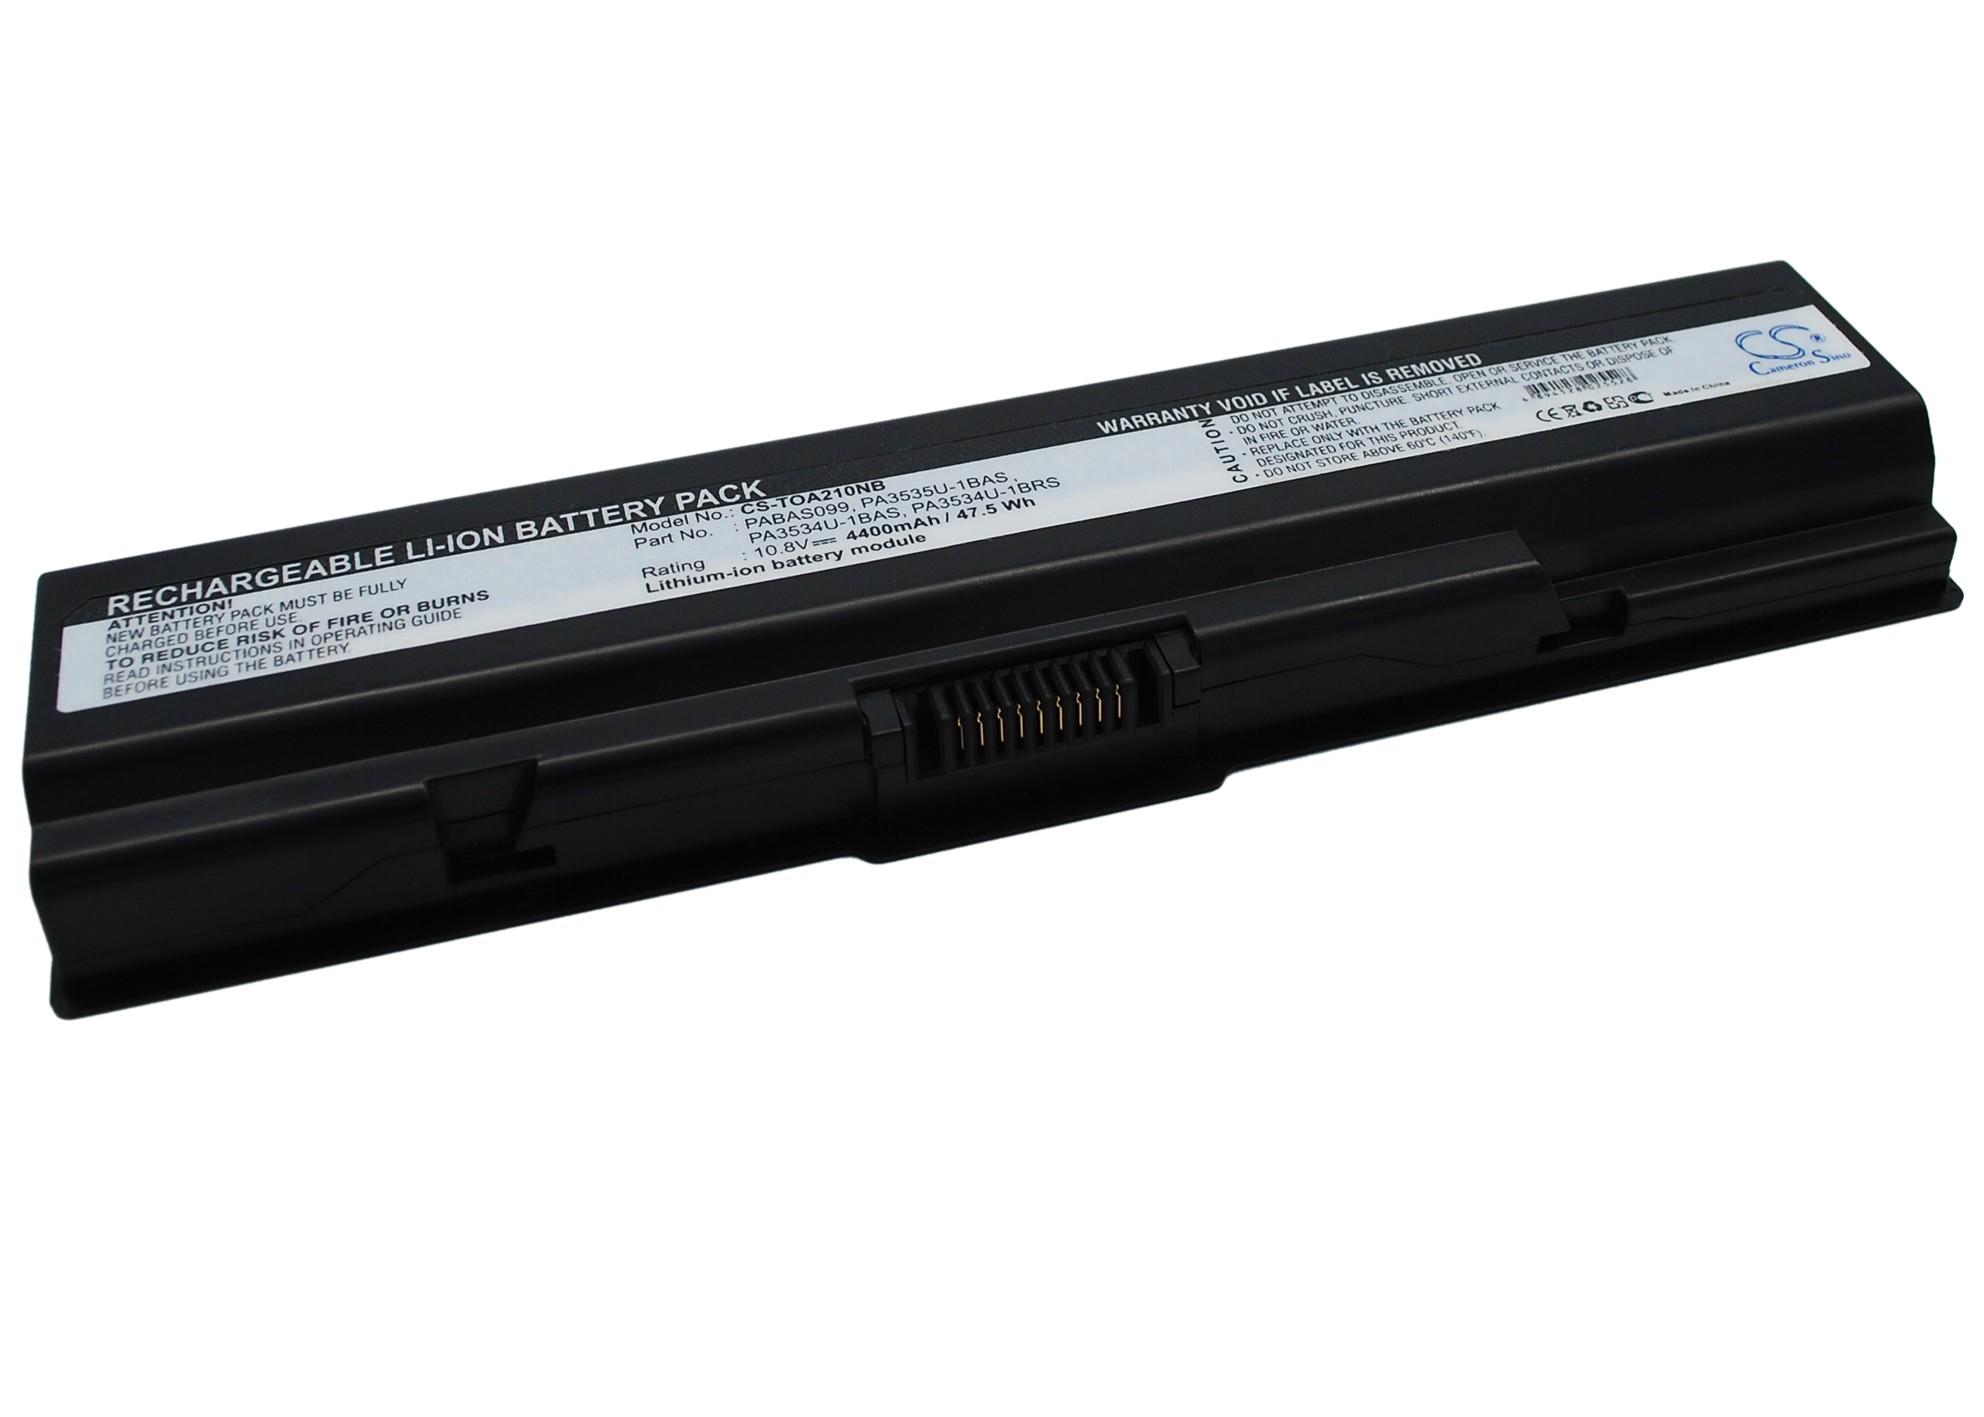 Cameron Sino baterie do notebooků pro TOSHIBA Satellite Pro L500-1D2 10.8V Li-ion 4400mAh černá - neoriginální